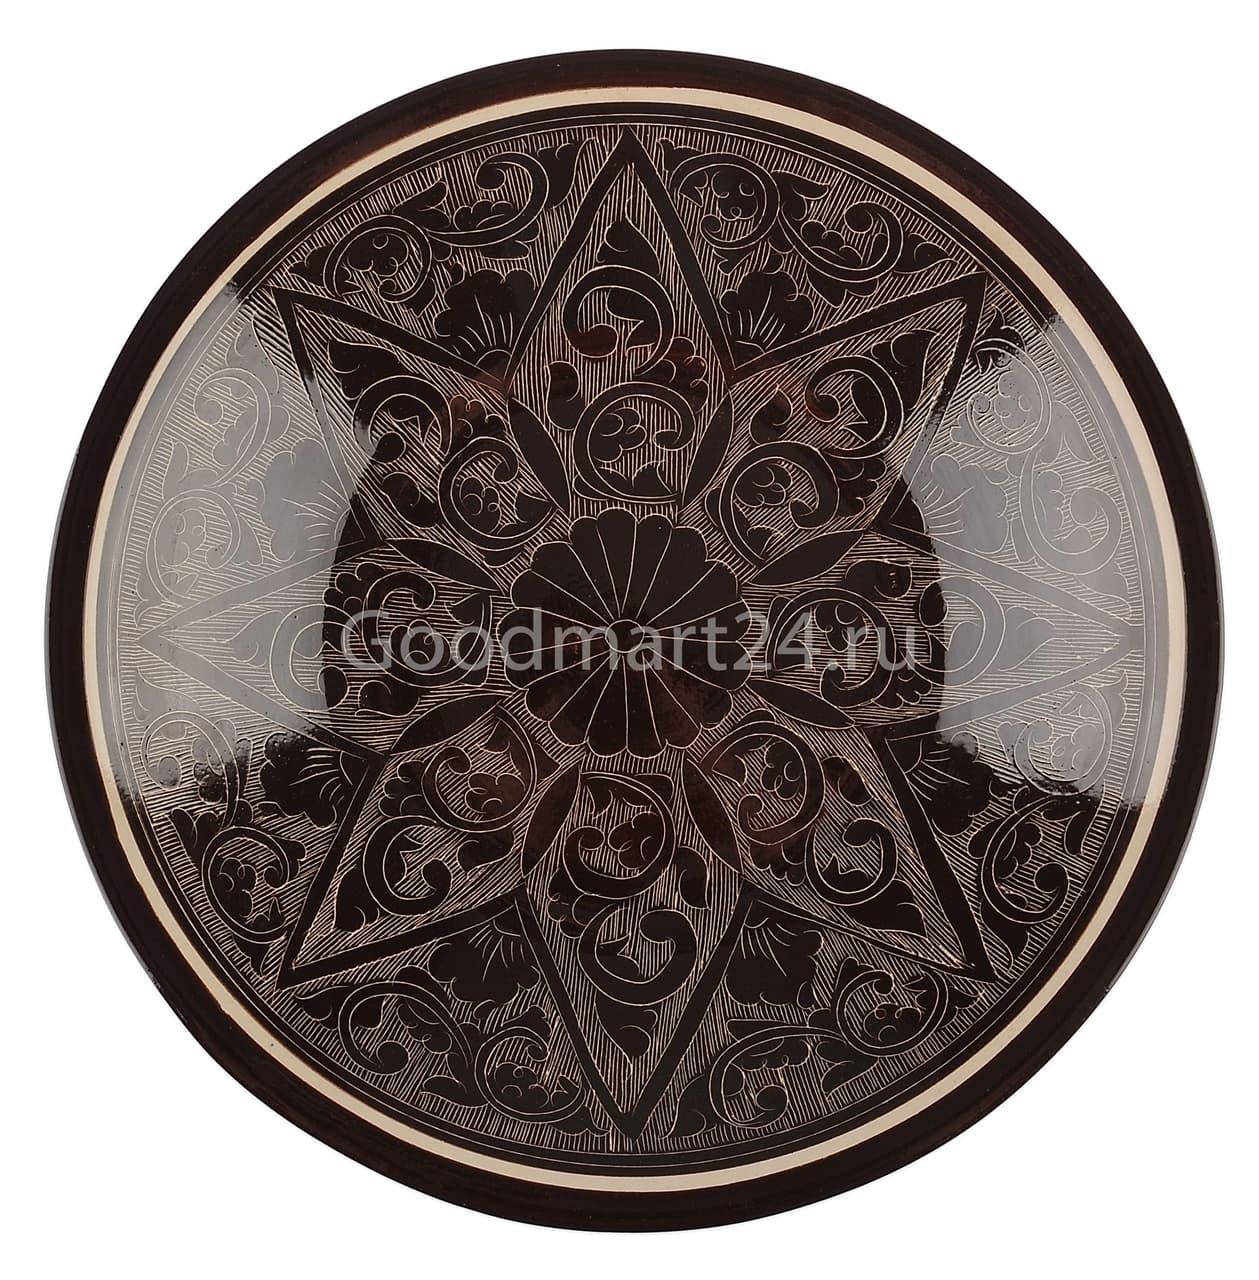 Тарелка плоская Риштанская Керамика 27 см. коричневая - фото 7525